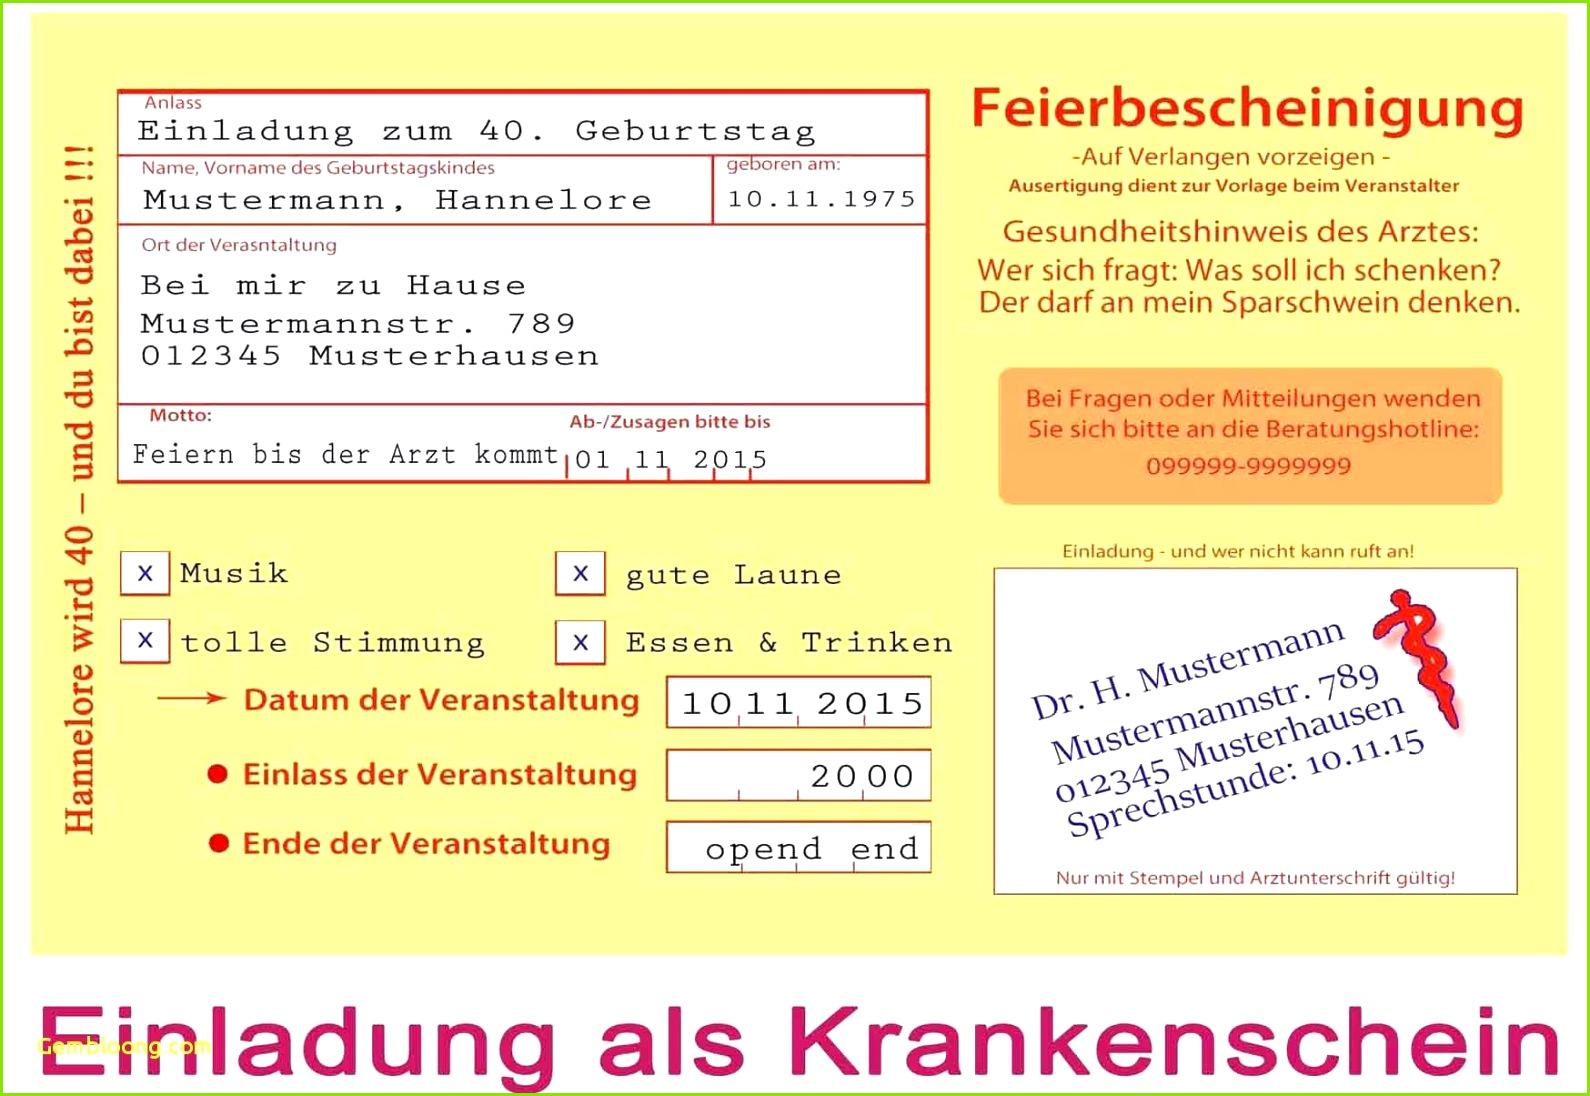 Einladung 50 Geburtstag originell Vorlagen Kindergeburtstag Einladung Einladungskarten 50 Geburtstag